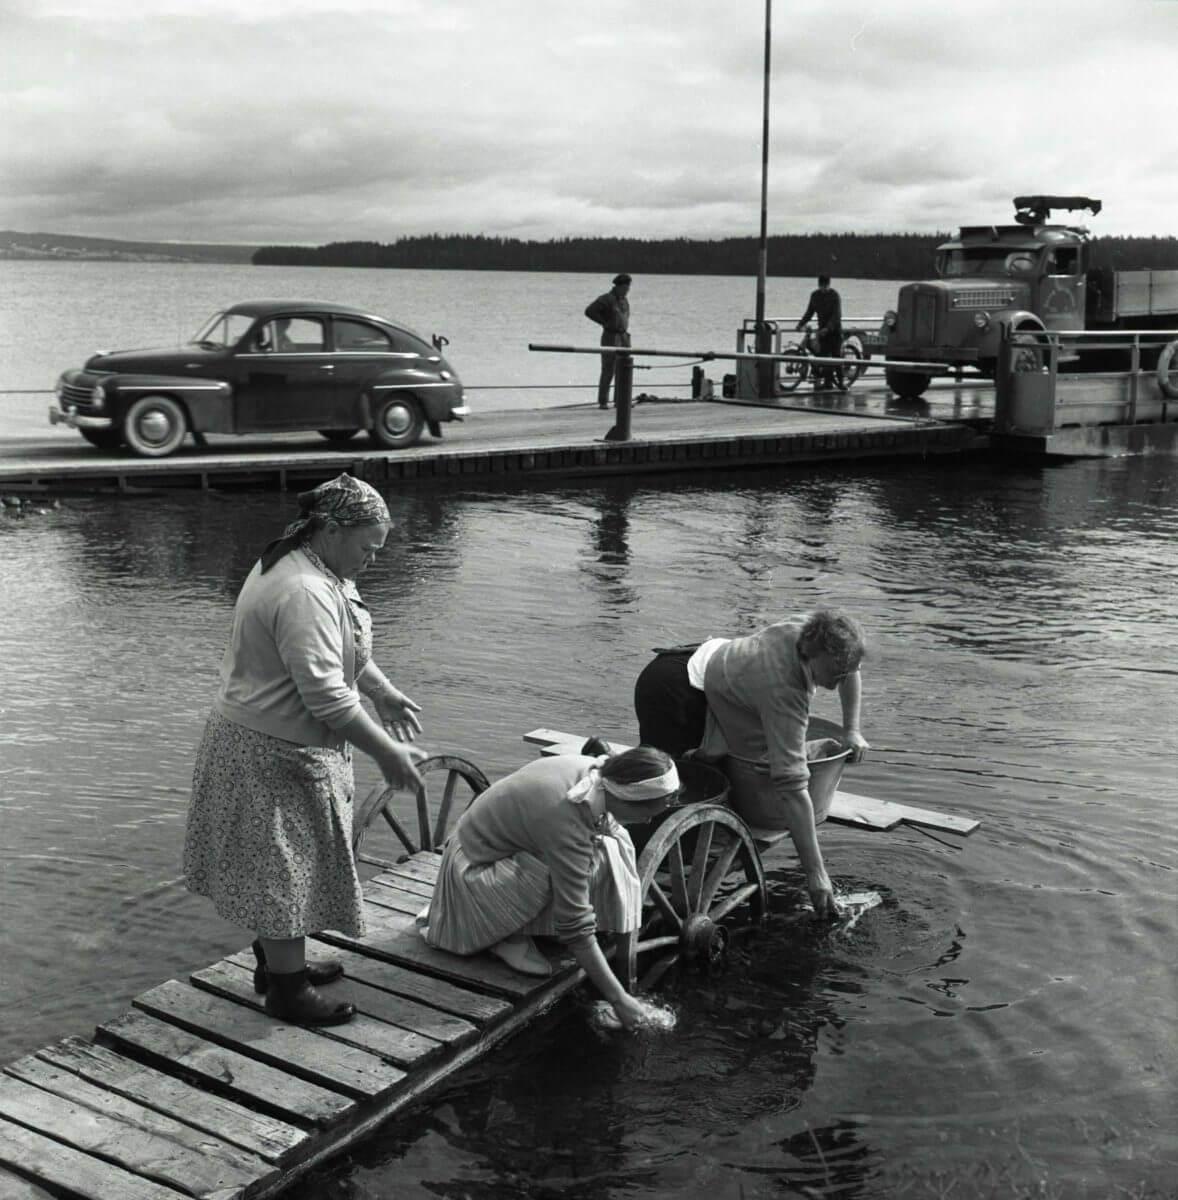 Tre kvinnor tvättar kläder från en brygga. I bakgrunden har en bilfärja dockat och fordonen kör av.